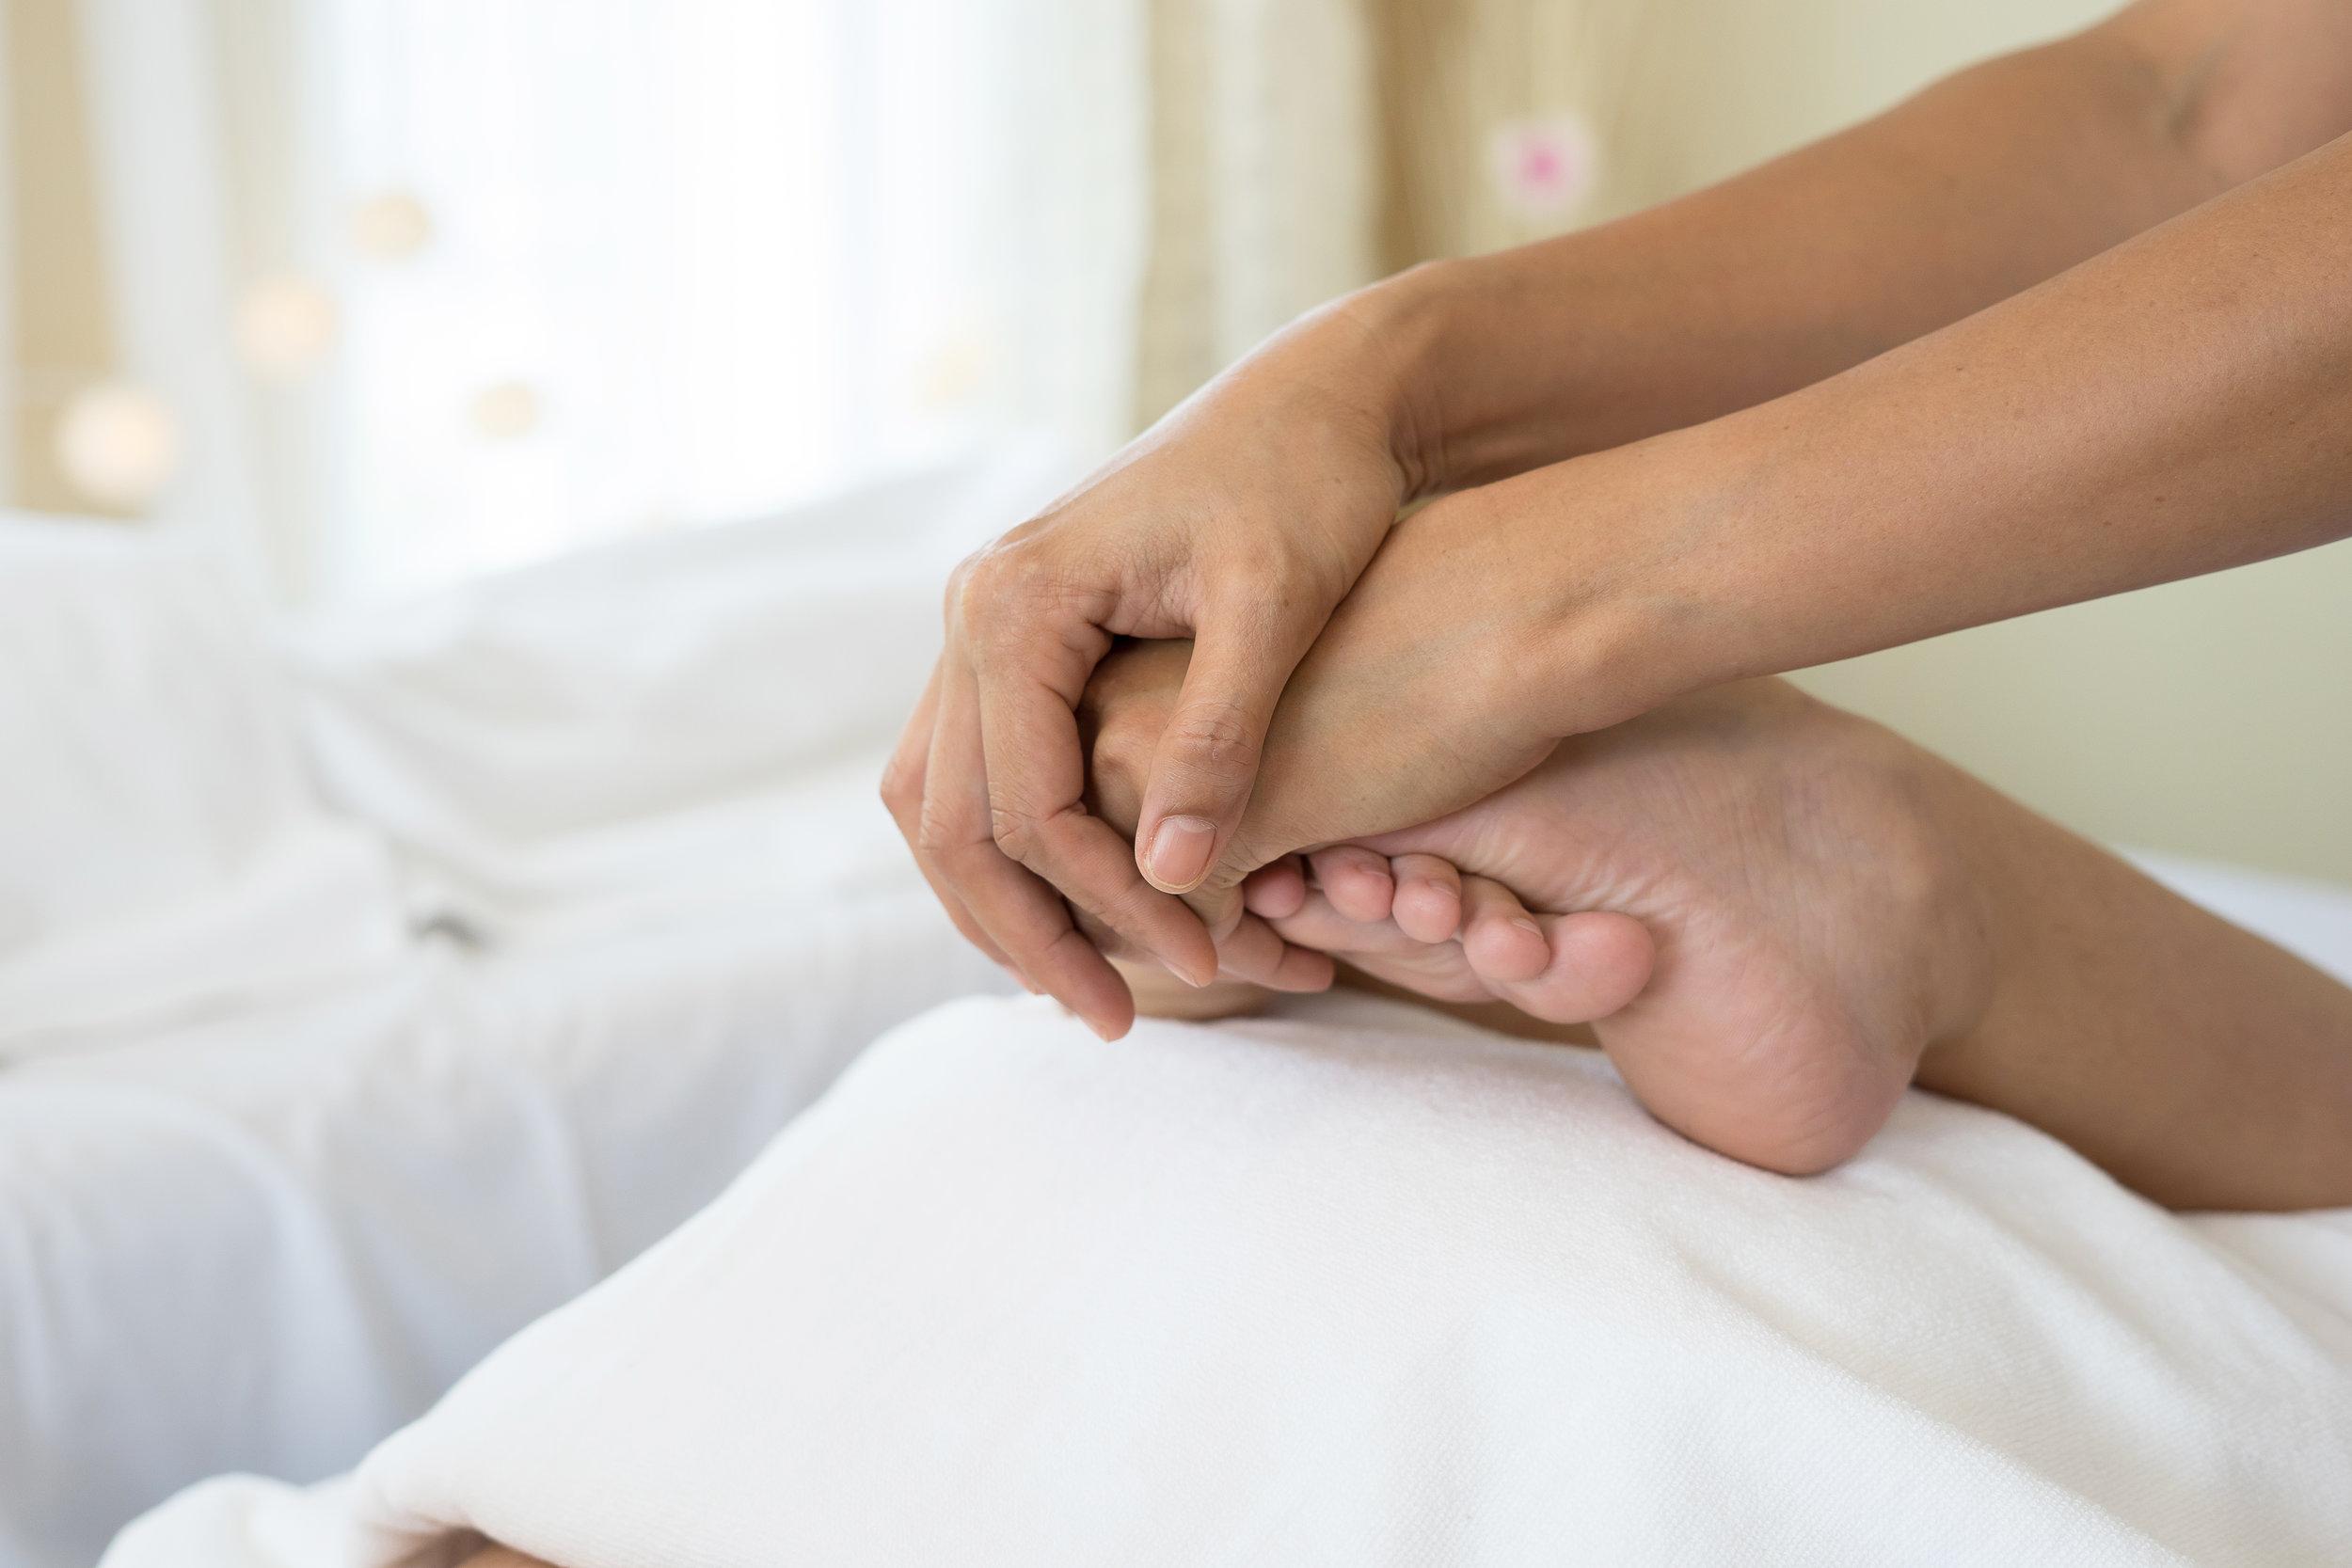 - Ces troubles apparaissent dans les jours, semaines voir mois suivant le début des traitements et s'estompent progressivement après la fin des traitements.